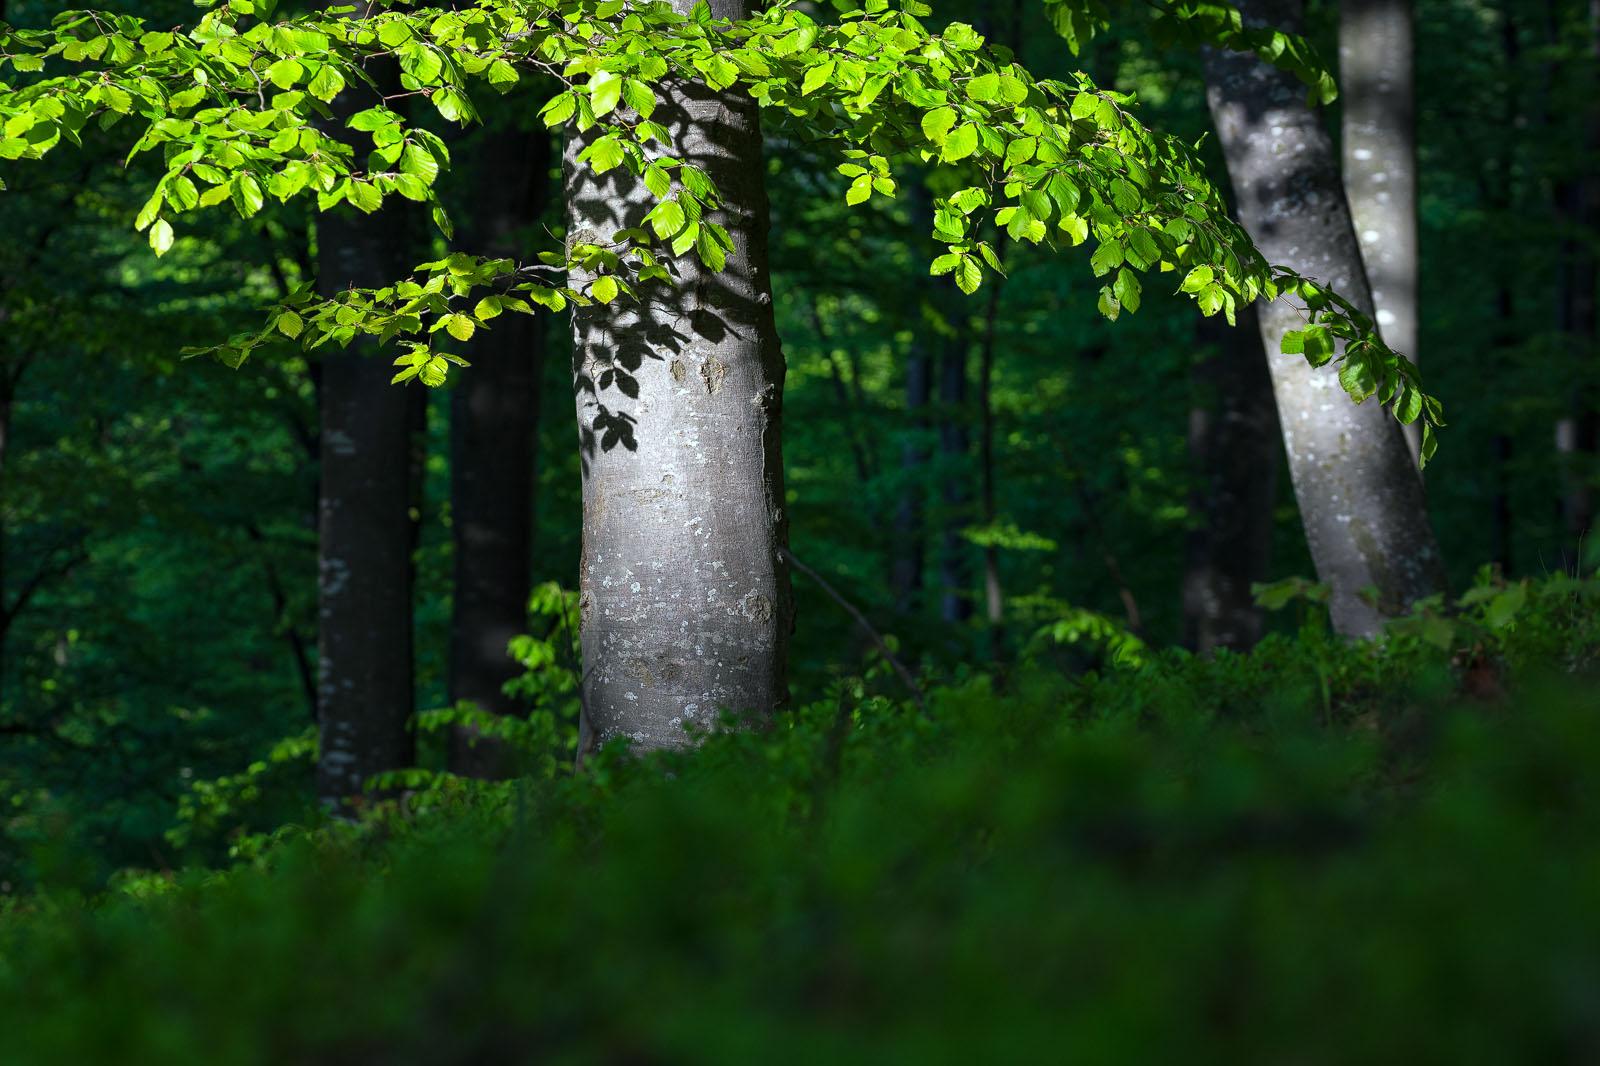 Nature - Photo 9